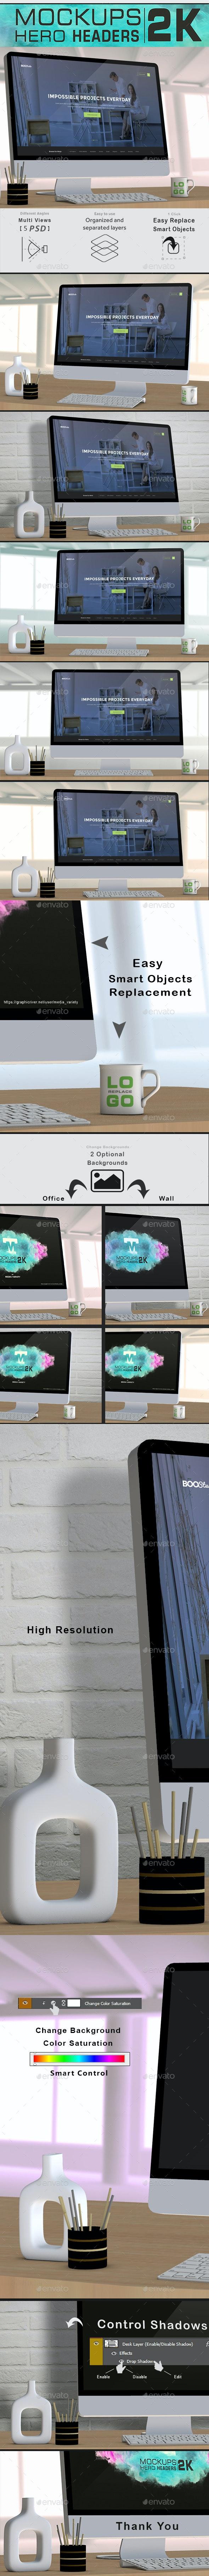 Imac Mockups Hero Headers 2k - Monitors Displays